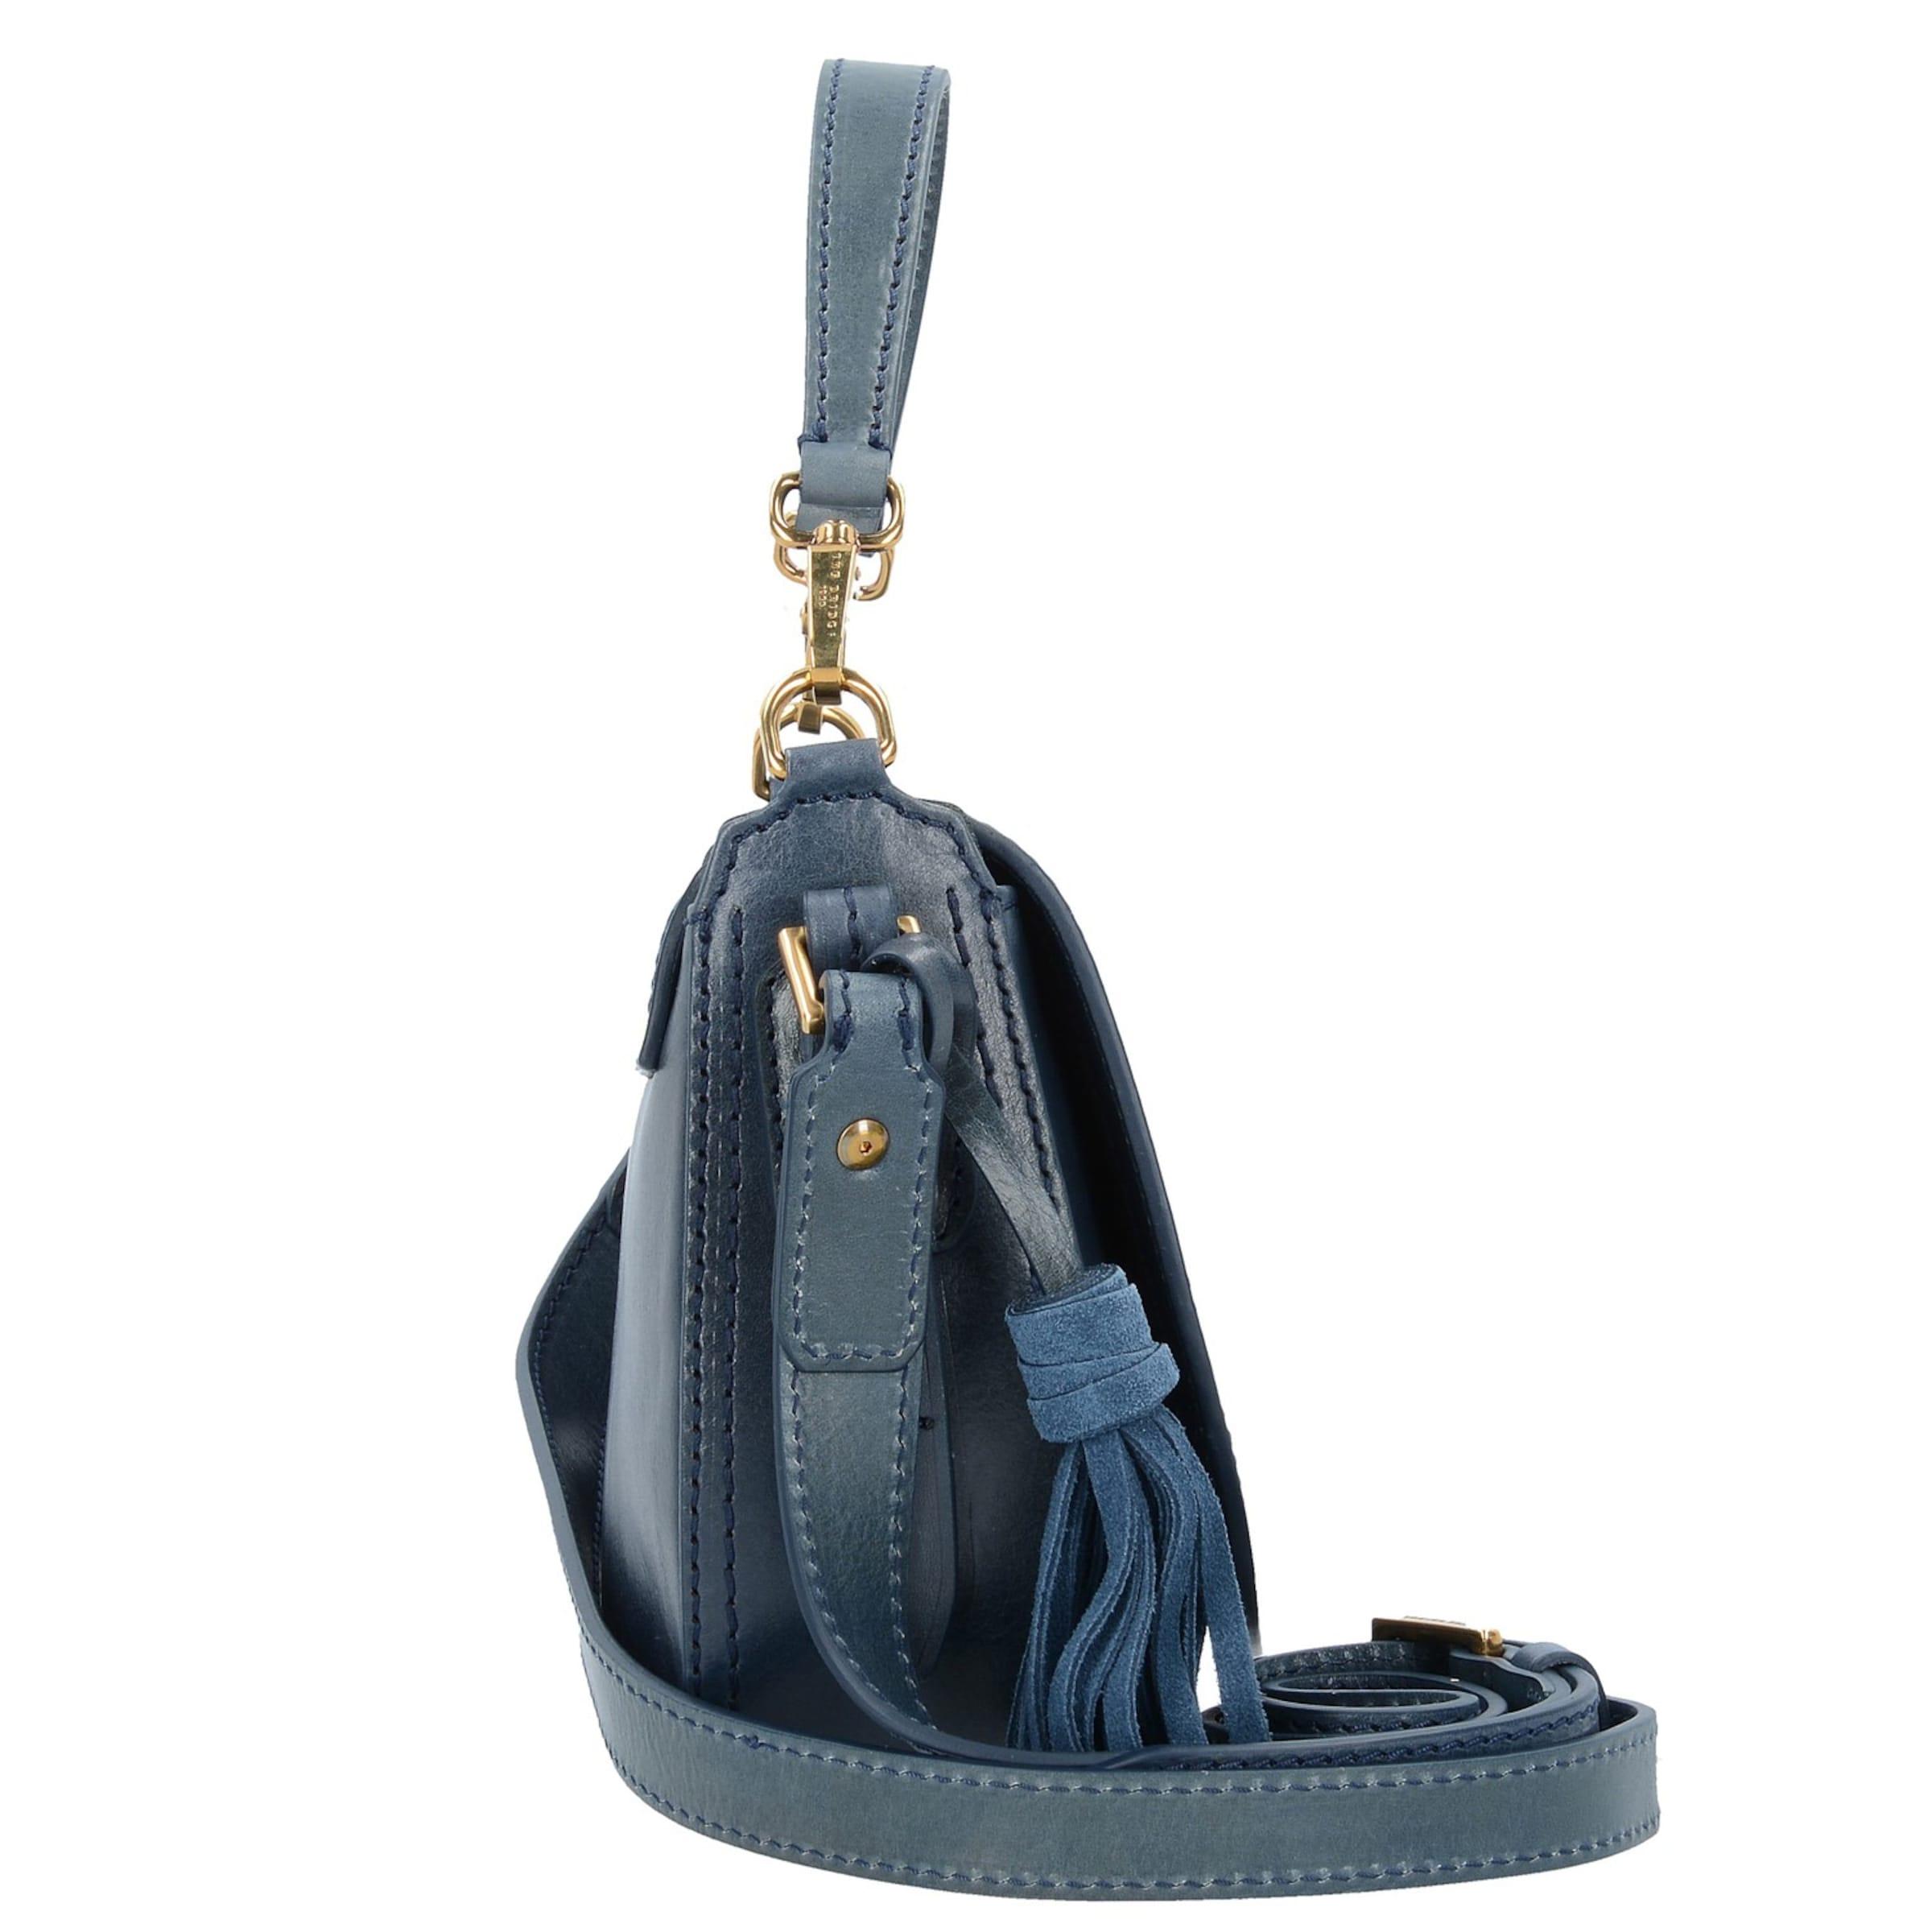 Mode-Stil Online Verkauf Countdown-Paket The Bridge Pearldistrict Handtasche Leder 20 cm Mit Mastercard Günstigem Preis EGUm7K1